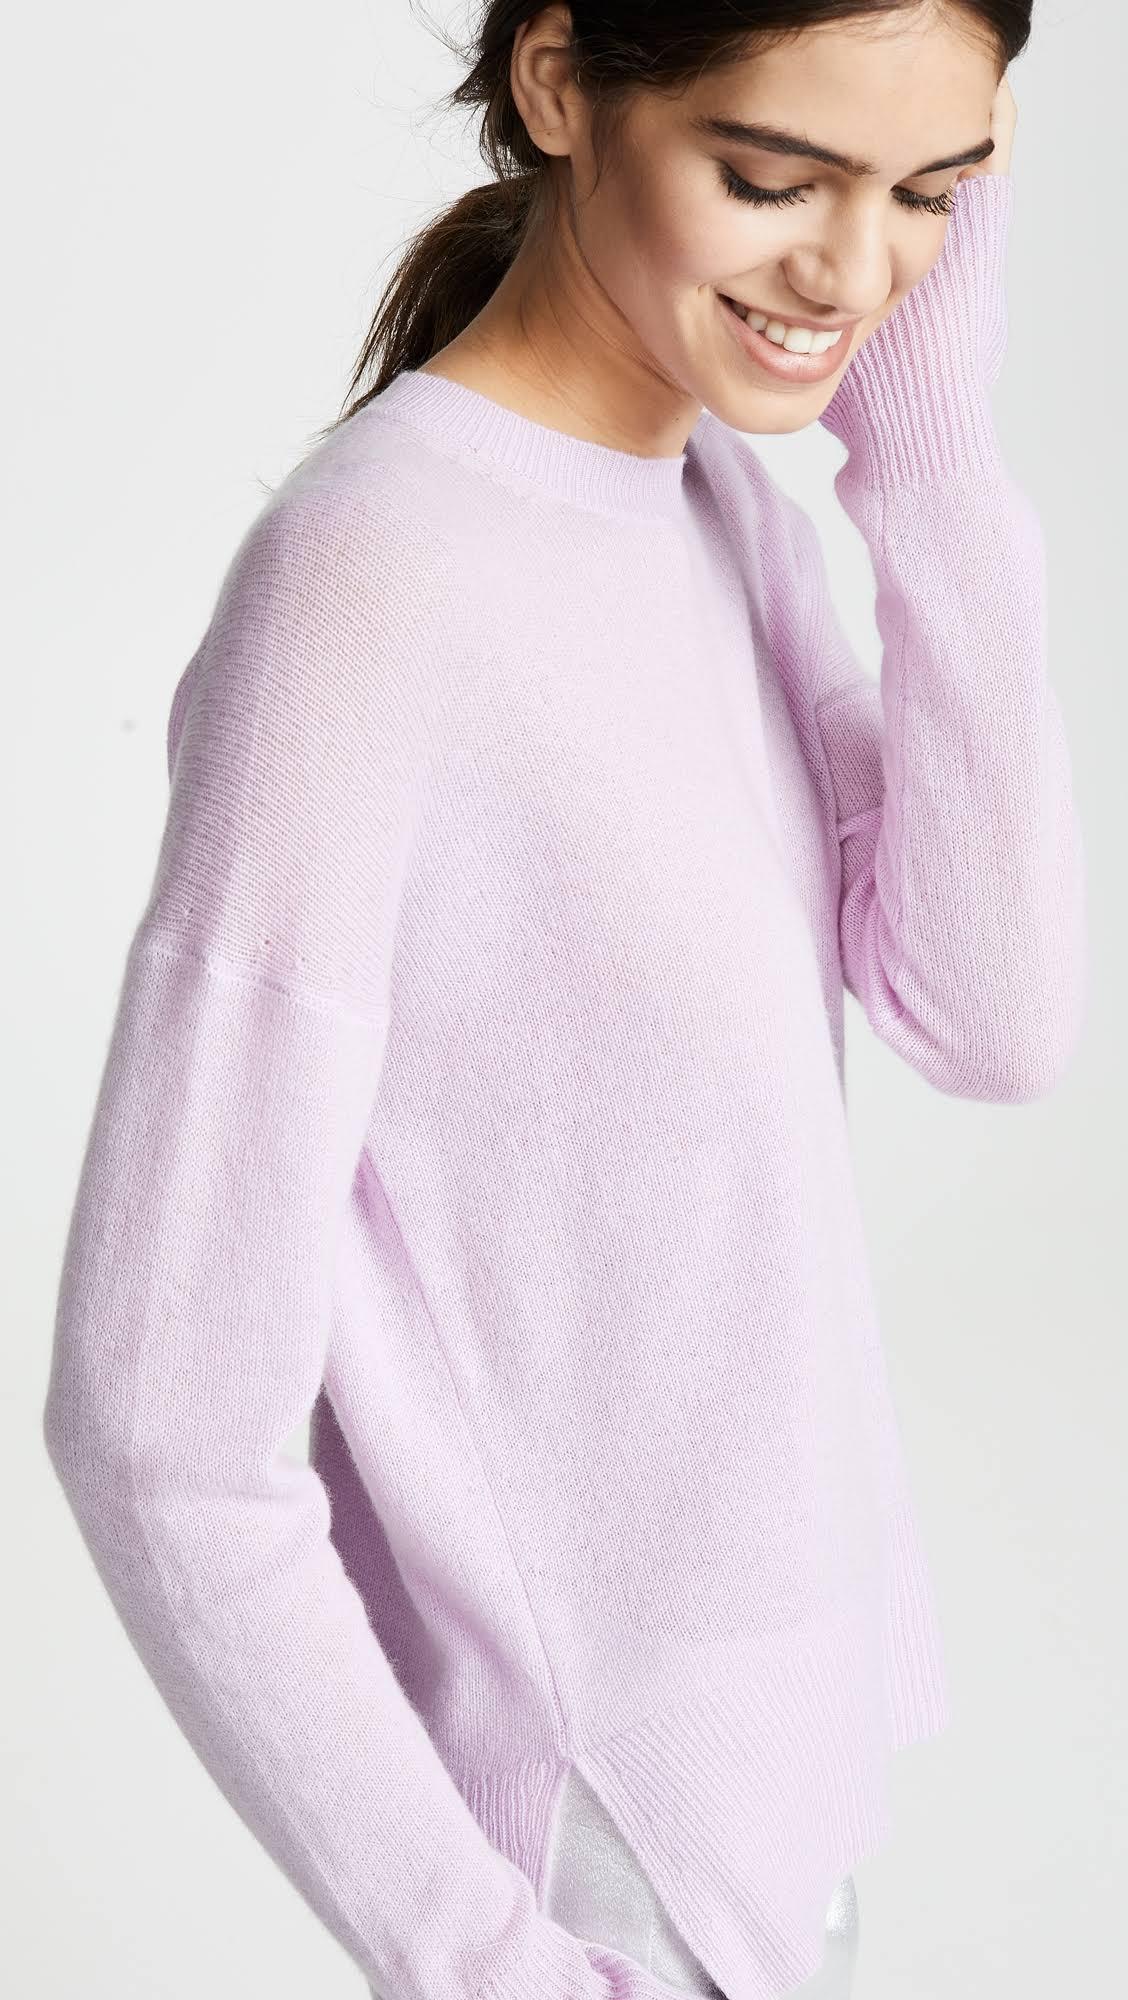 Karenia Teoria Sweater Teoria Karenia Sweater Cashmere Sweater Teoria Cashmere Teoria Cashmere Karenia 5qwAg1w